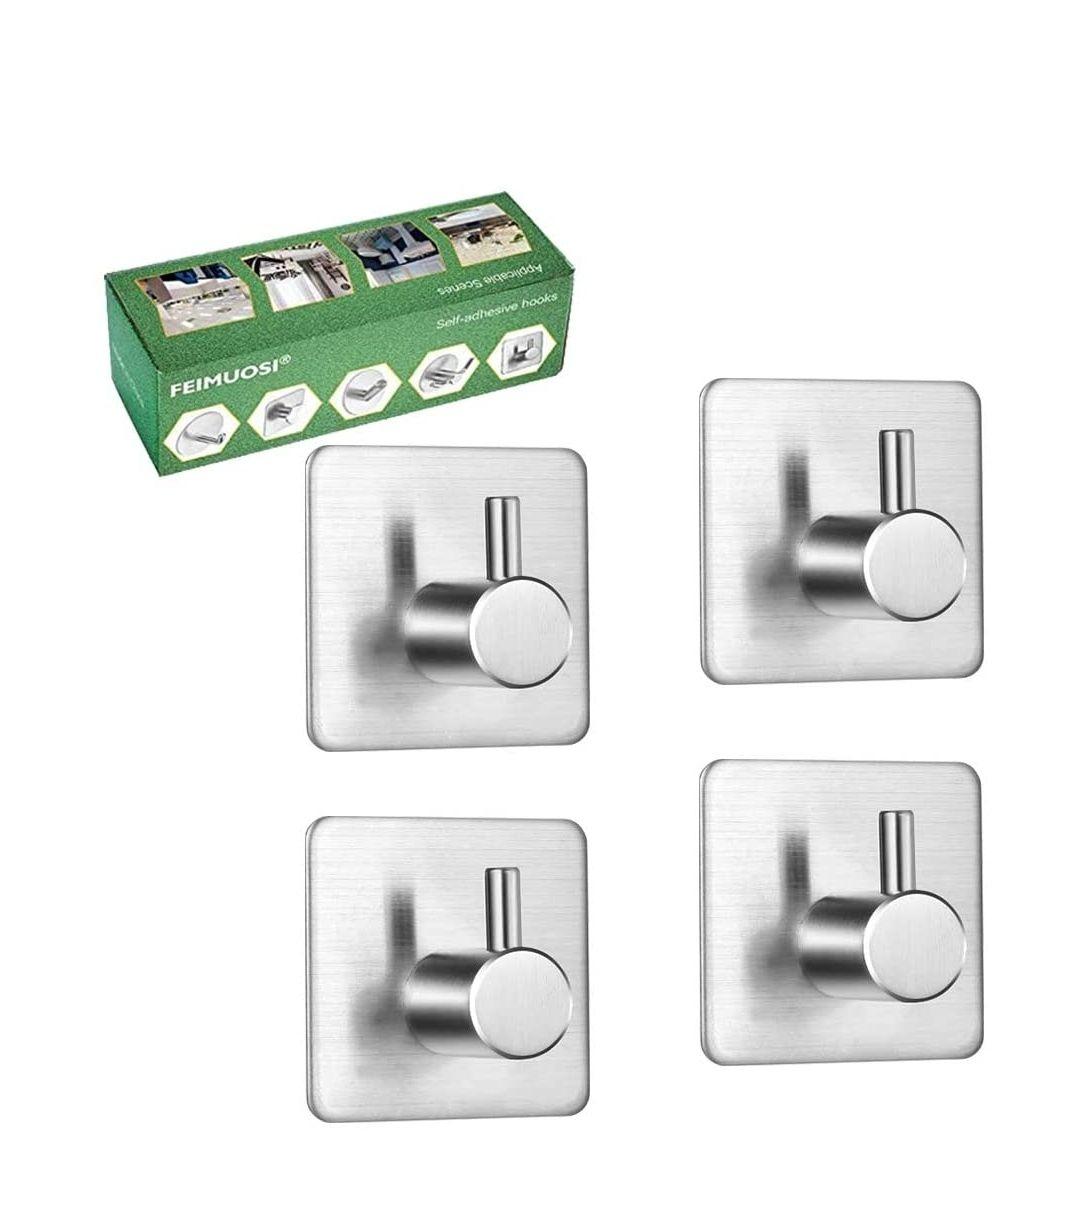 Ganchos Autoadhesivos 4 piezas, colgadores pared adhesivos inoxidable acero